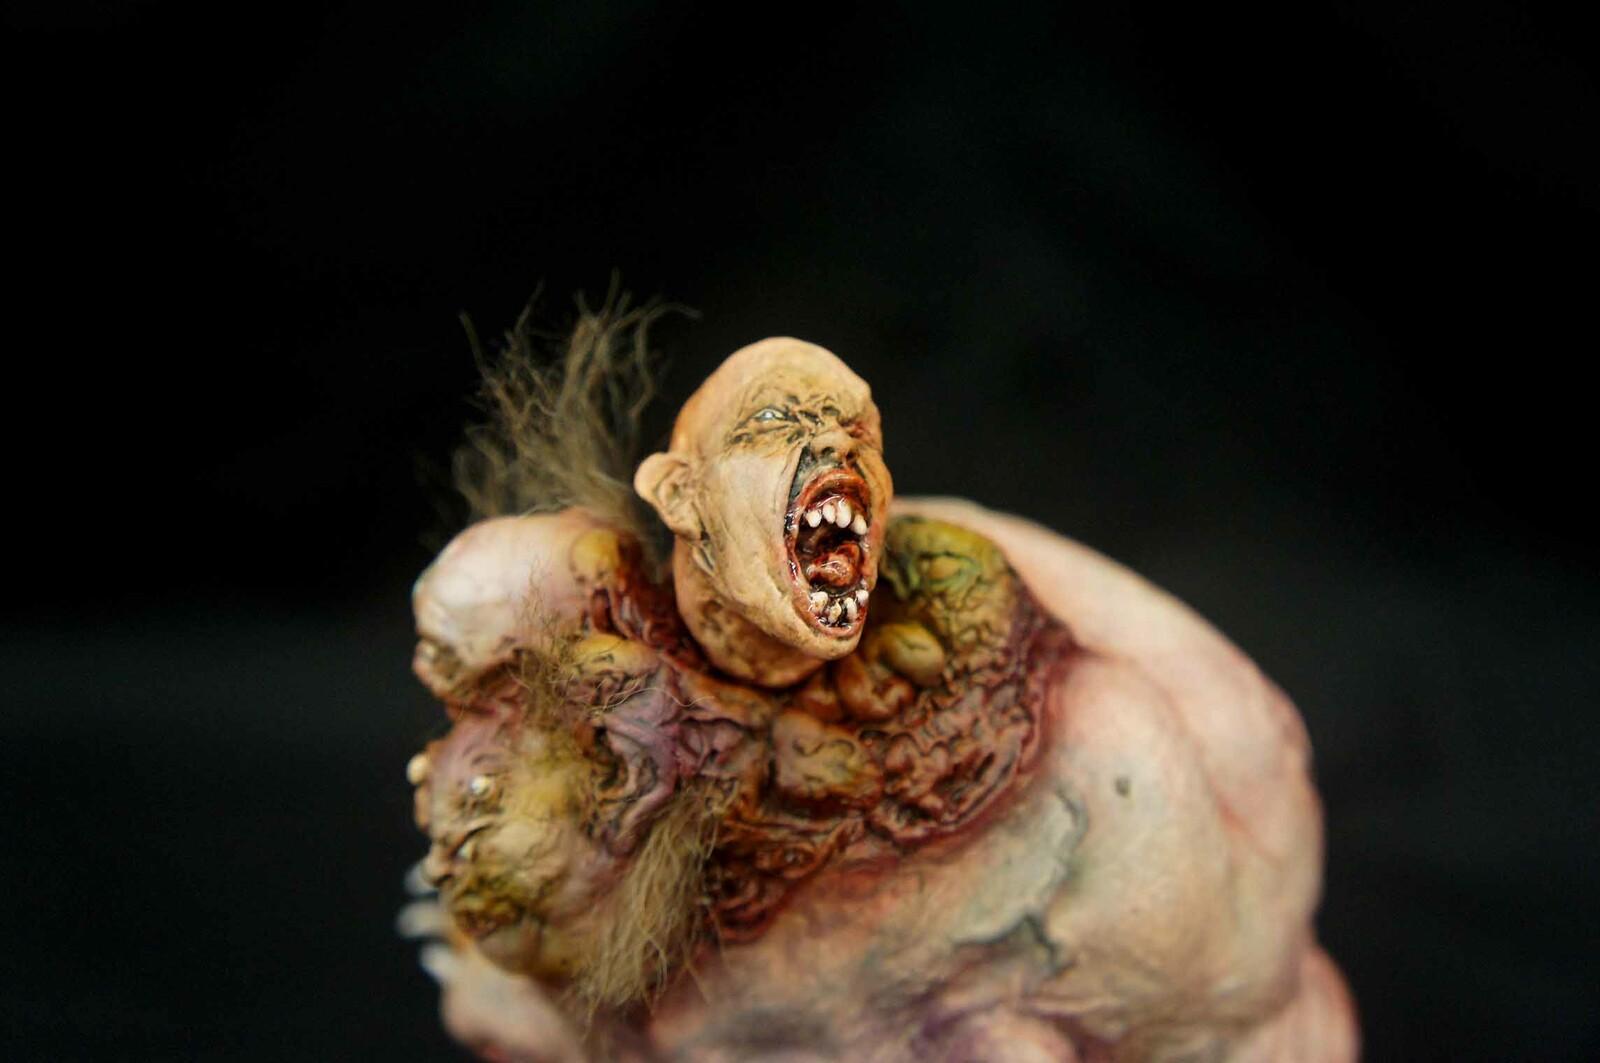 Voodoo Head Art Statue https://www.solidart.club/